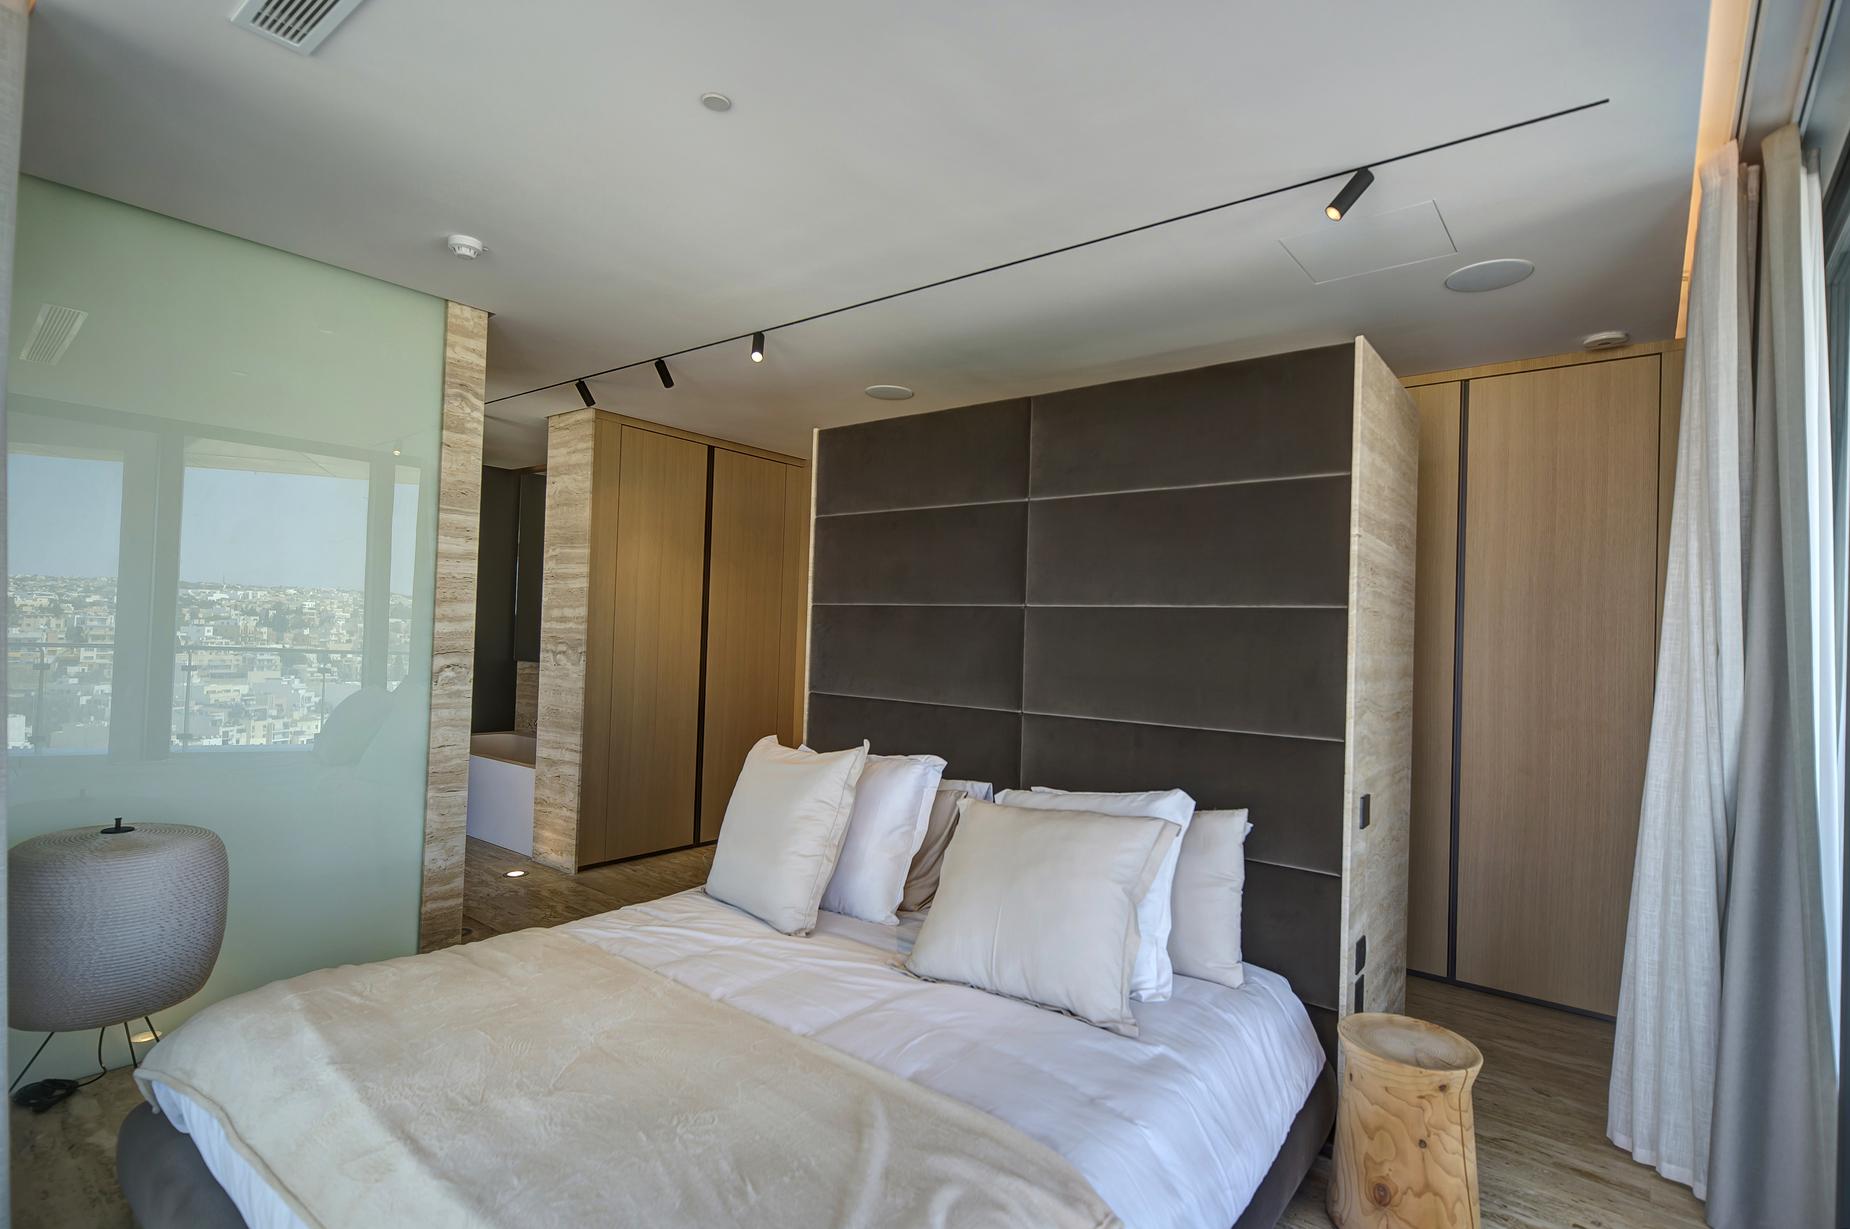 3 bed Apartment For Sale in Gzira, Gzira - thumb 19